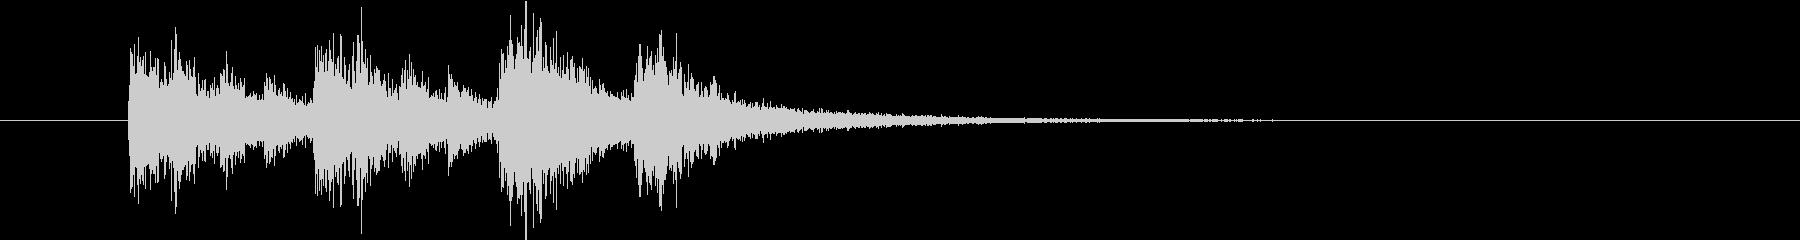 【ニュース アプリ】ジャッジャッジャーンの未再生の波形